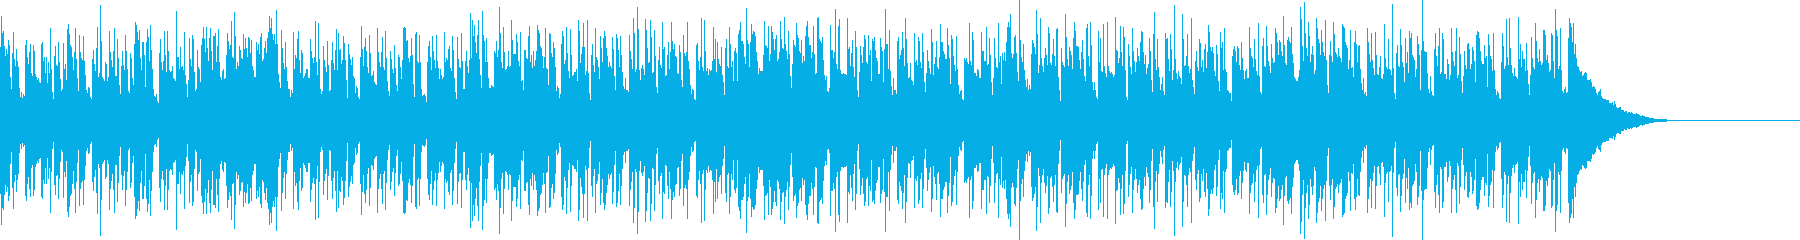 Pf「疑惑」和風現代ジャズの再生済みの波形